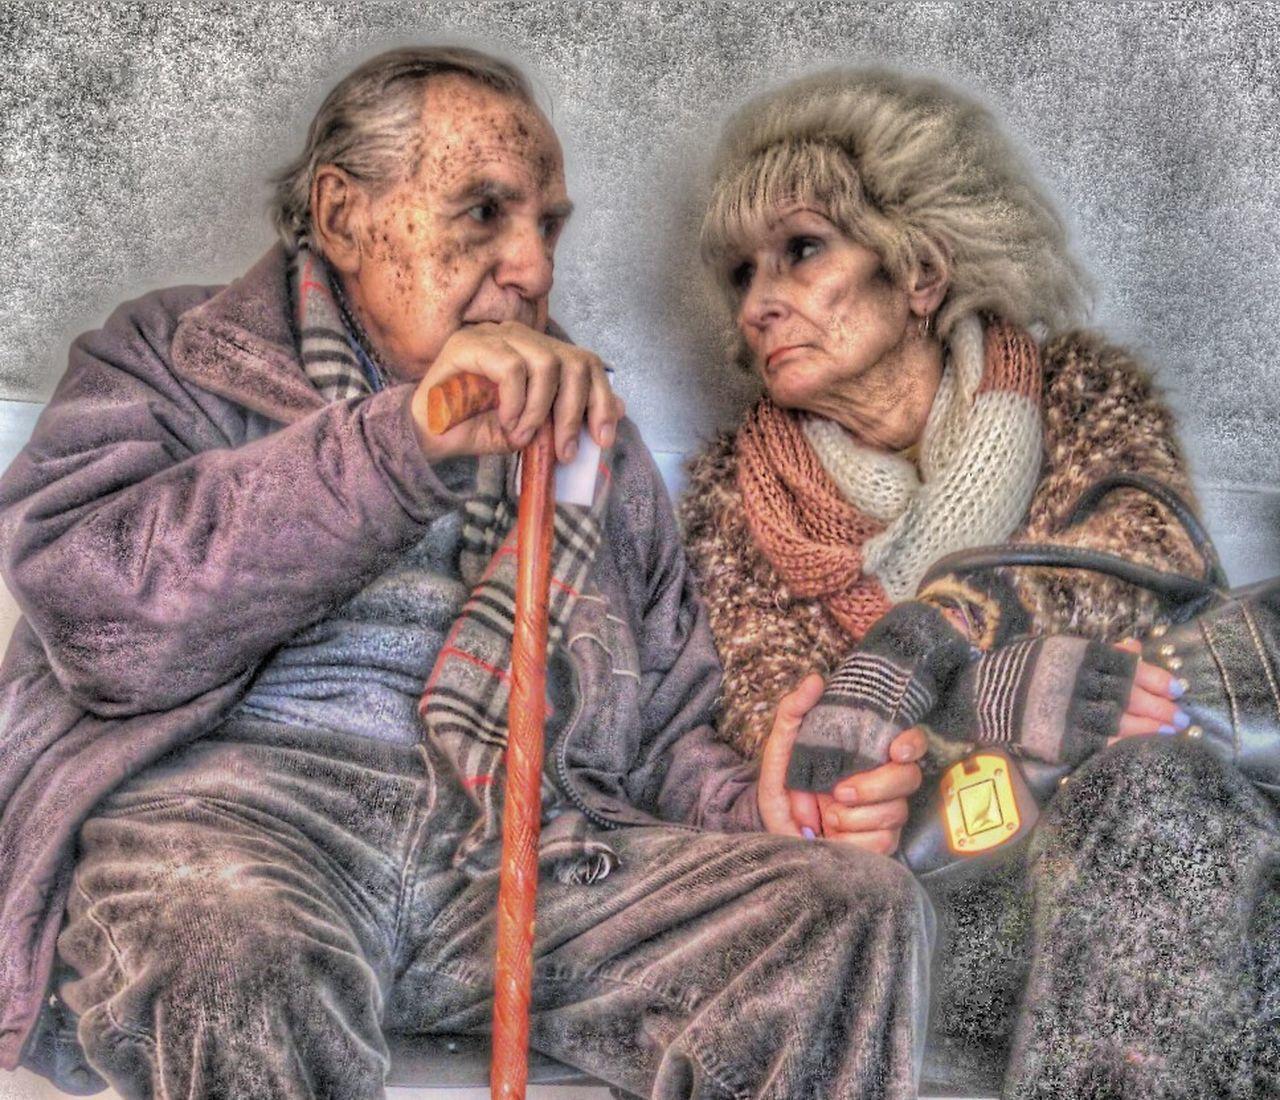 Taking Photos Buenosaires Argentina Amor Verdadero Truelove💕 Foreverlove Amoreterno Parejas♡ Ancianos Tomados De La Mano Holding Hands